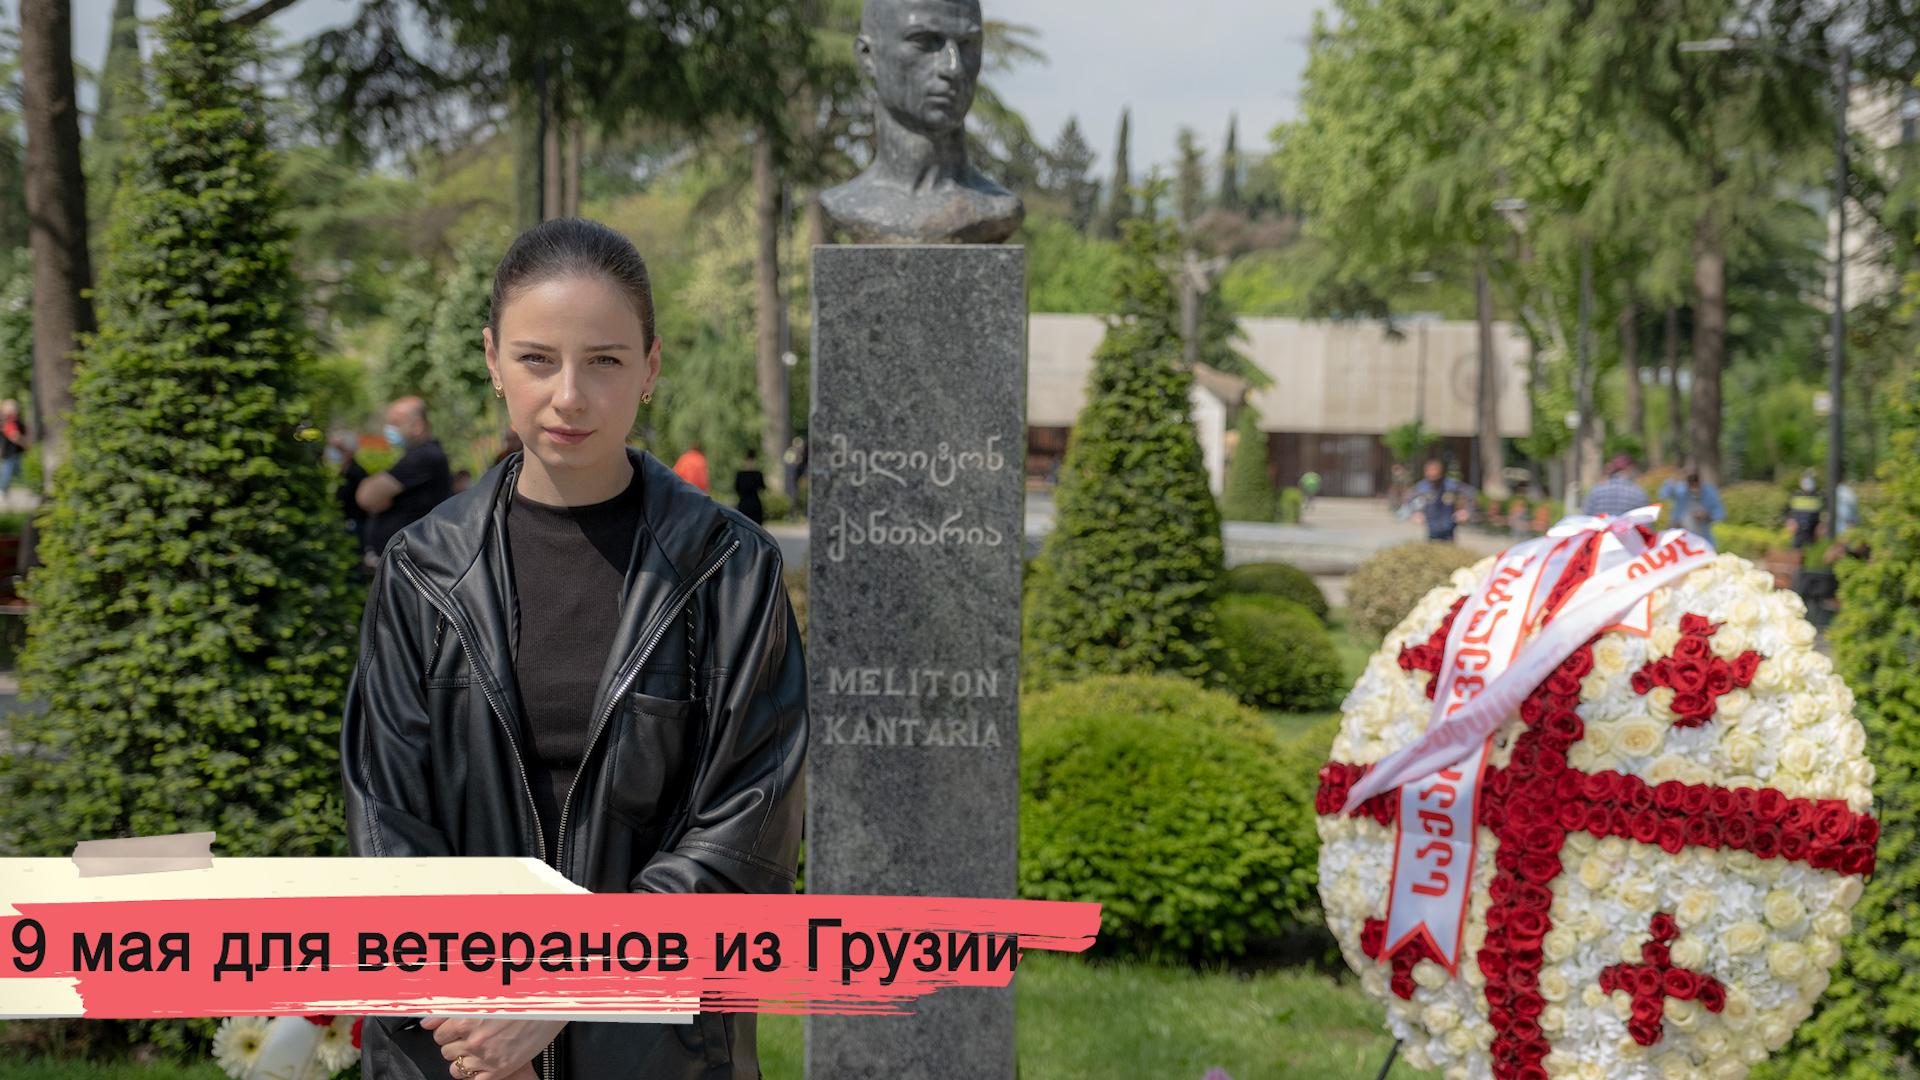 SOVA-блог: 9 мая для ветеранов из Грузии